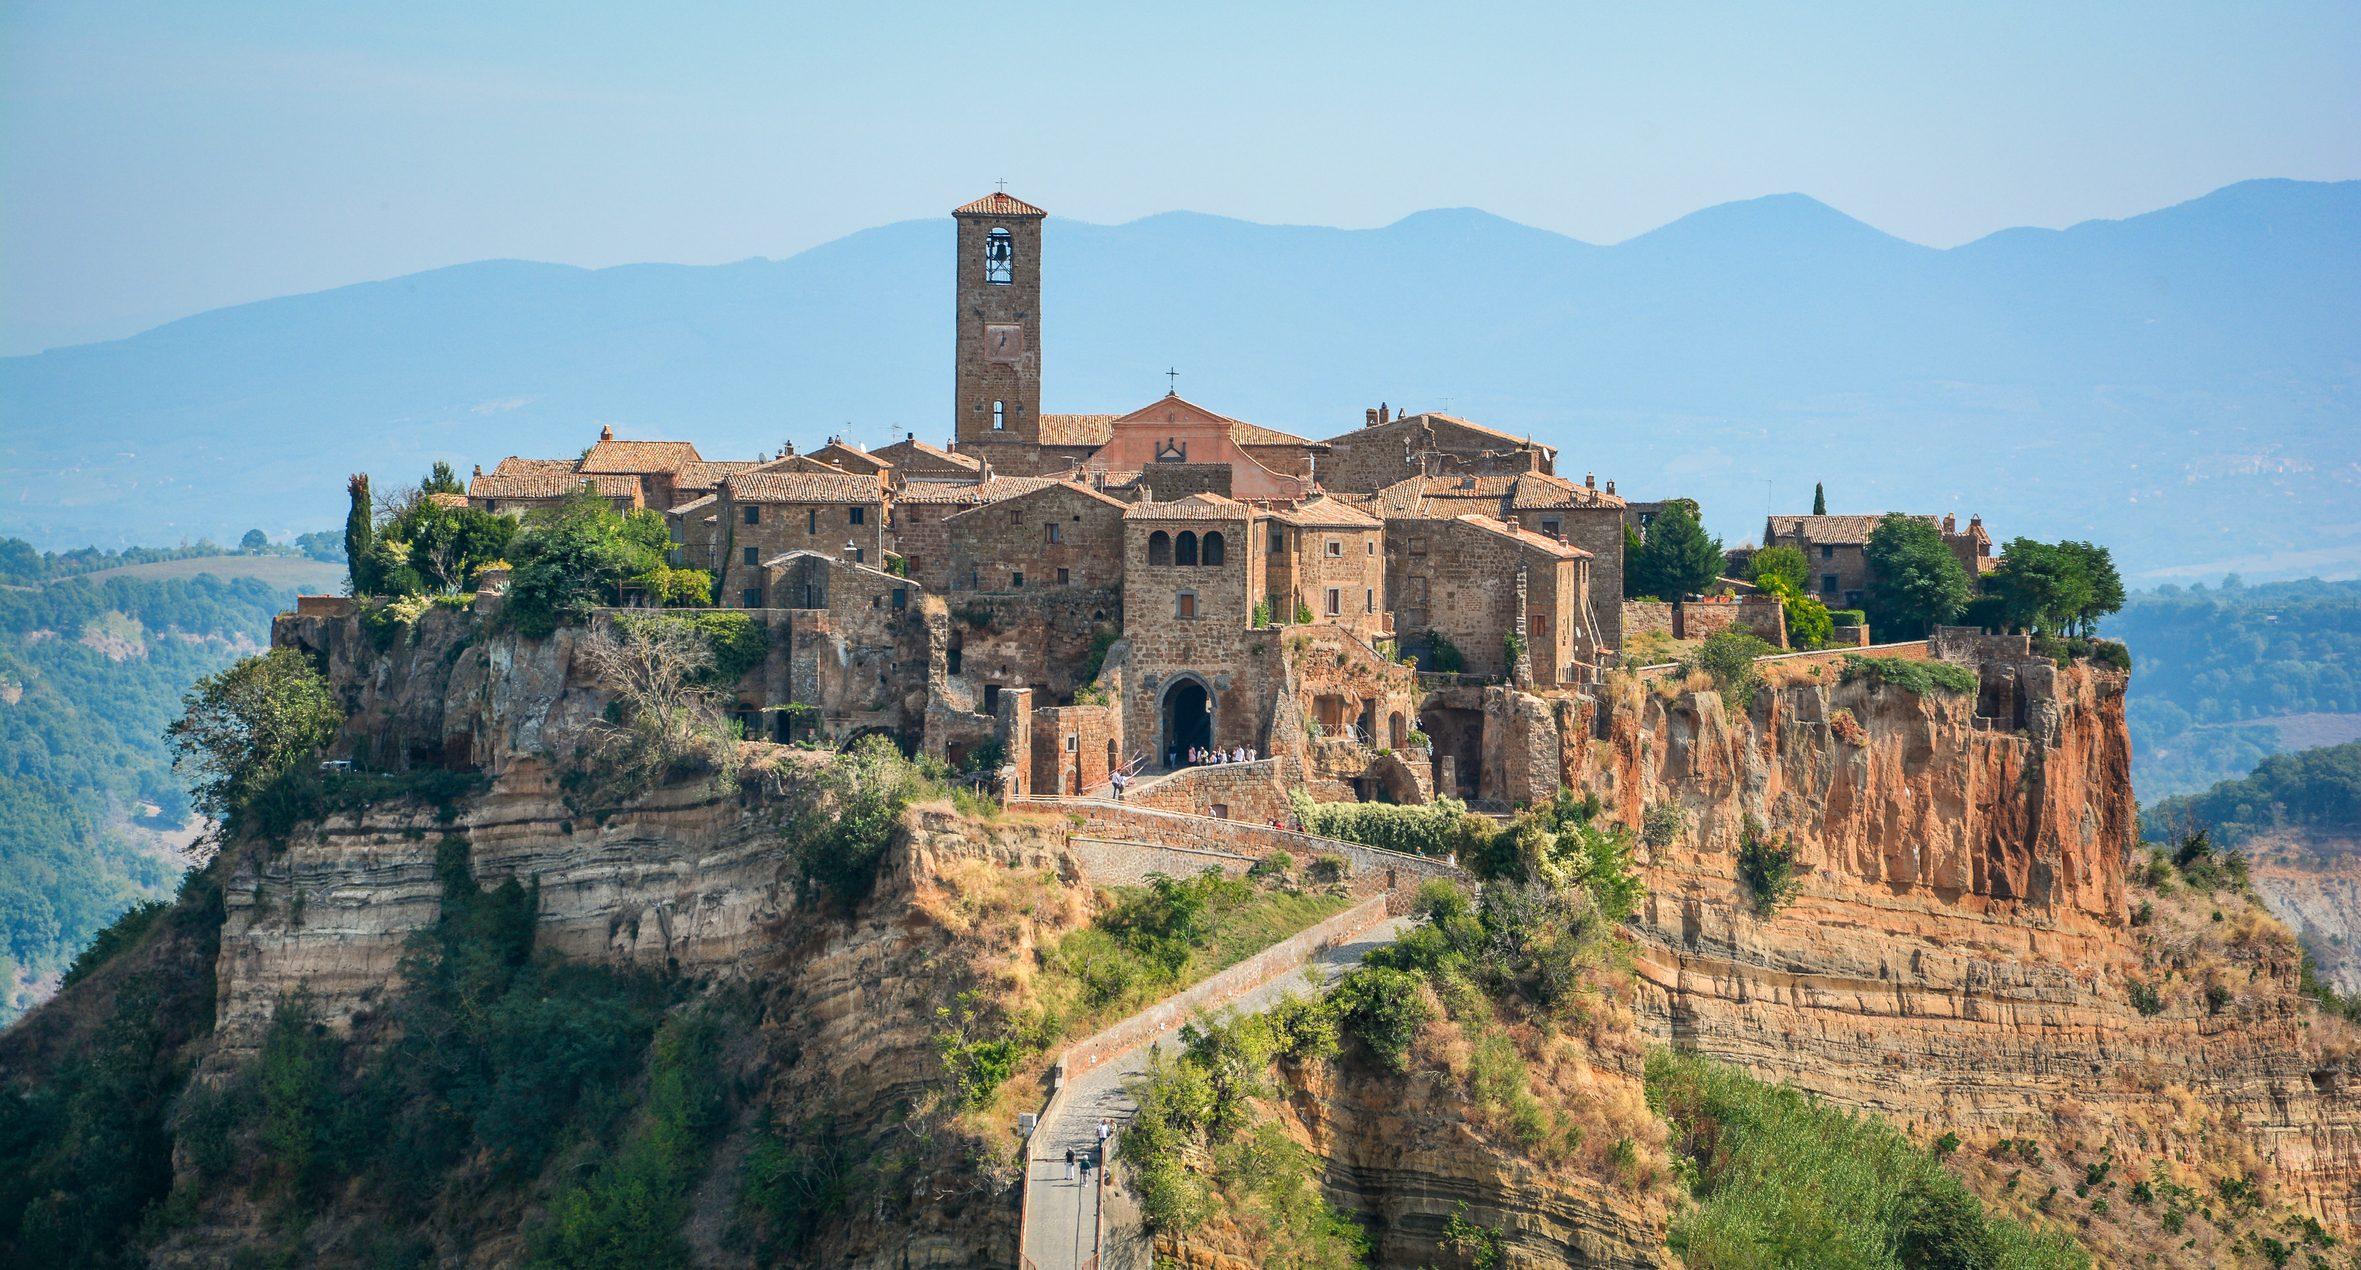 Adotta un borgo tradizionale italiano e ricevi in cambio prodotti tipici da salvaguardare